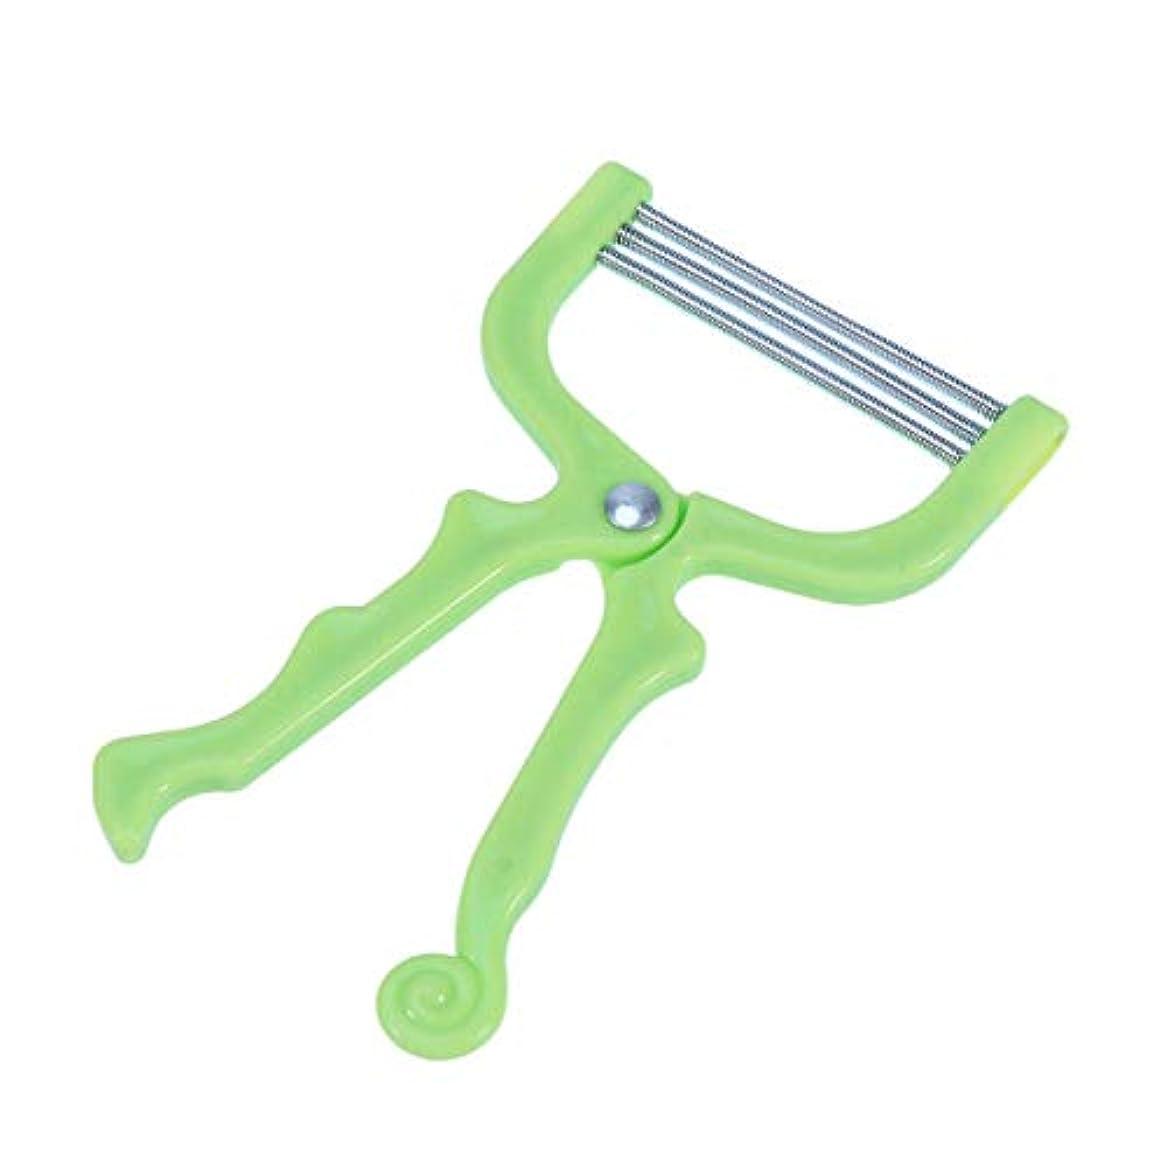 メタン提出する盆地SUPVOX 手動脱毛器 無痛脱毛 顔/腕/足/脇/ビキニエリアで使用する 女性の毛のリムーバー フェイシャルヘアリムーバースプリングフェイシャルヘアスレーター除毛ツール美容ツール(緑)